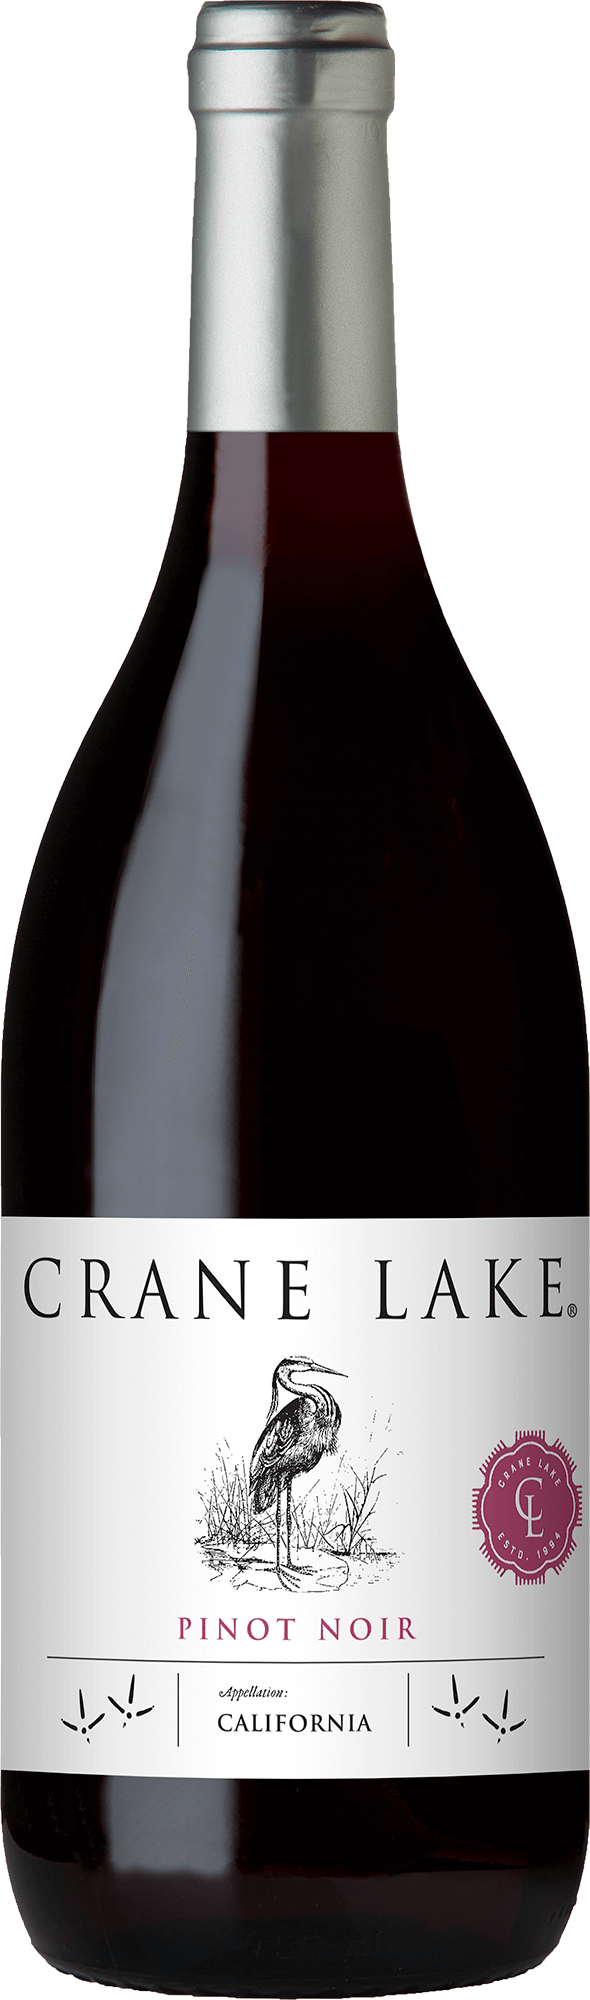 Crane Lake Pinot Noir Bottleshots